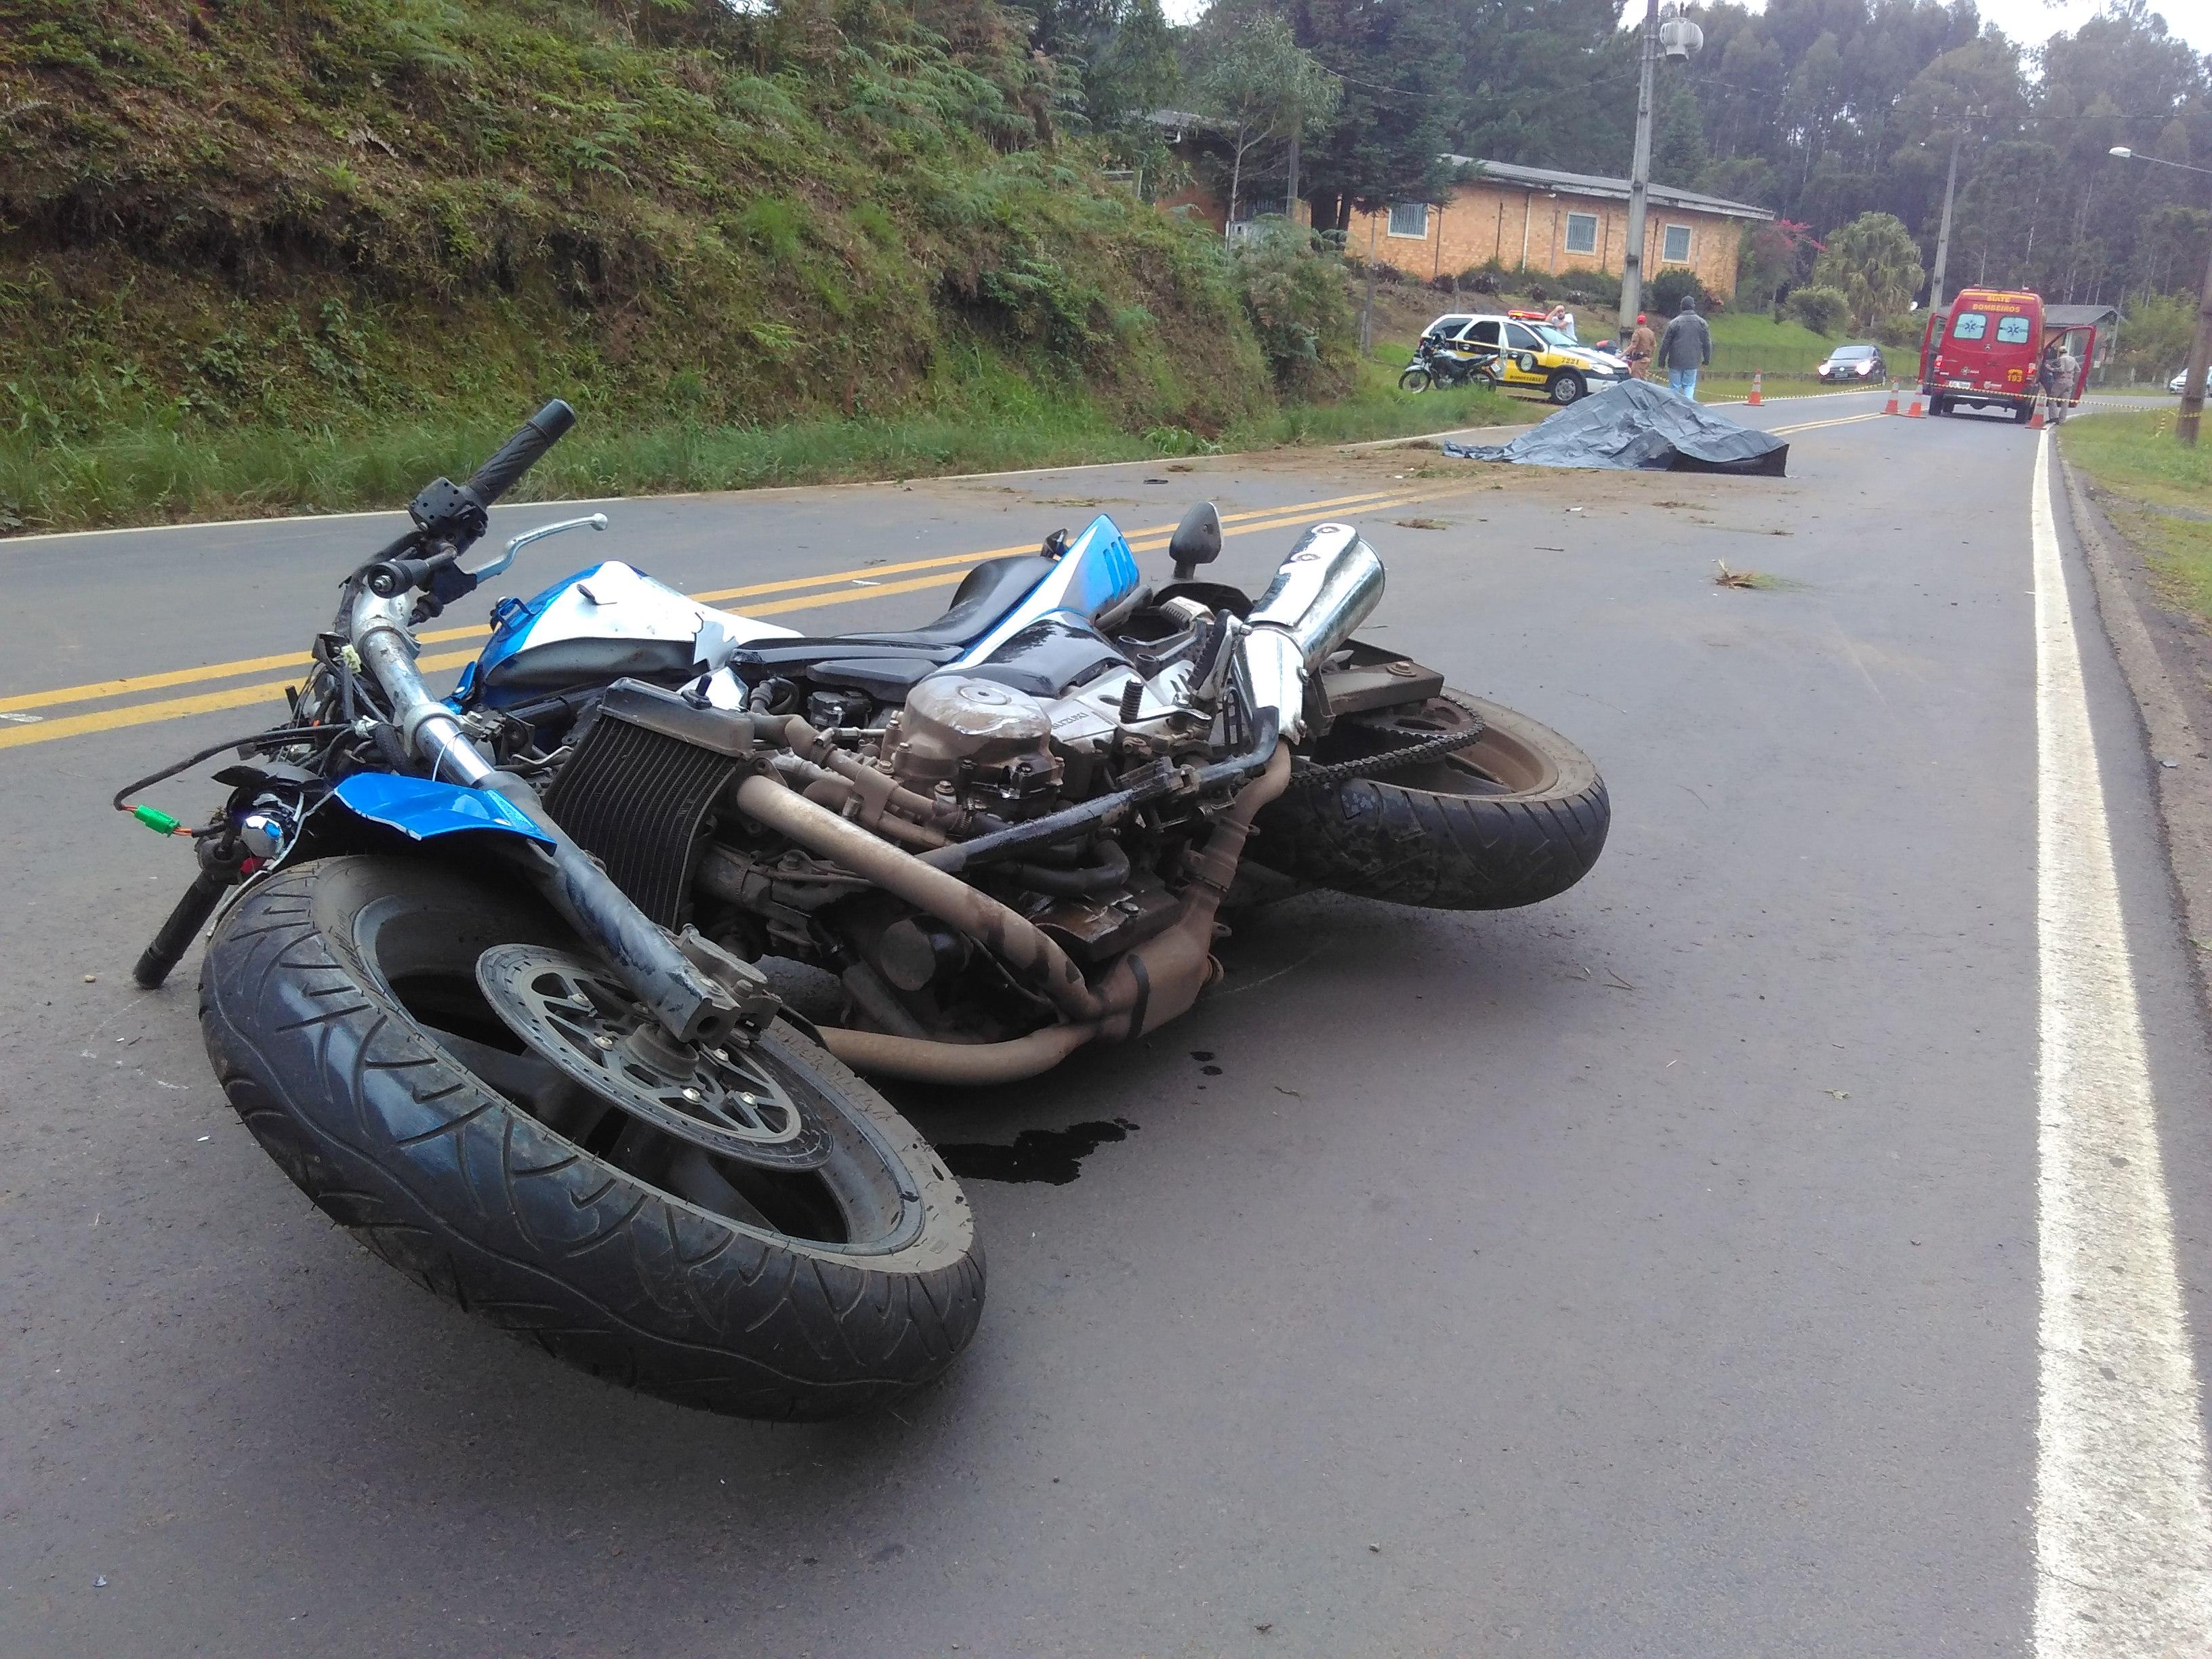 8a69aa613 Ciclista morre em acidente com moto na PR-466 - Segurança - Vvale